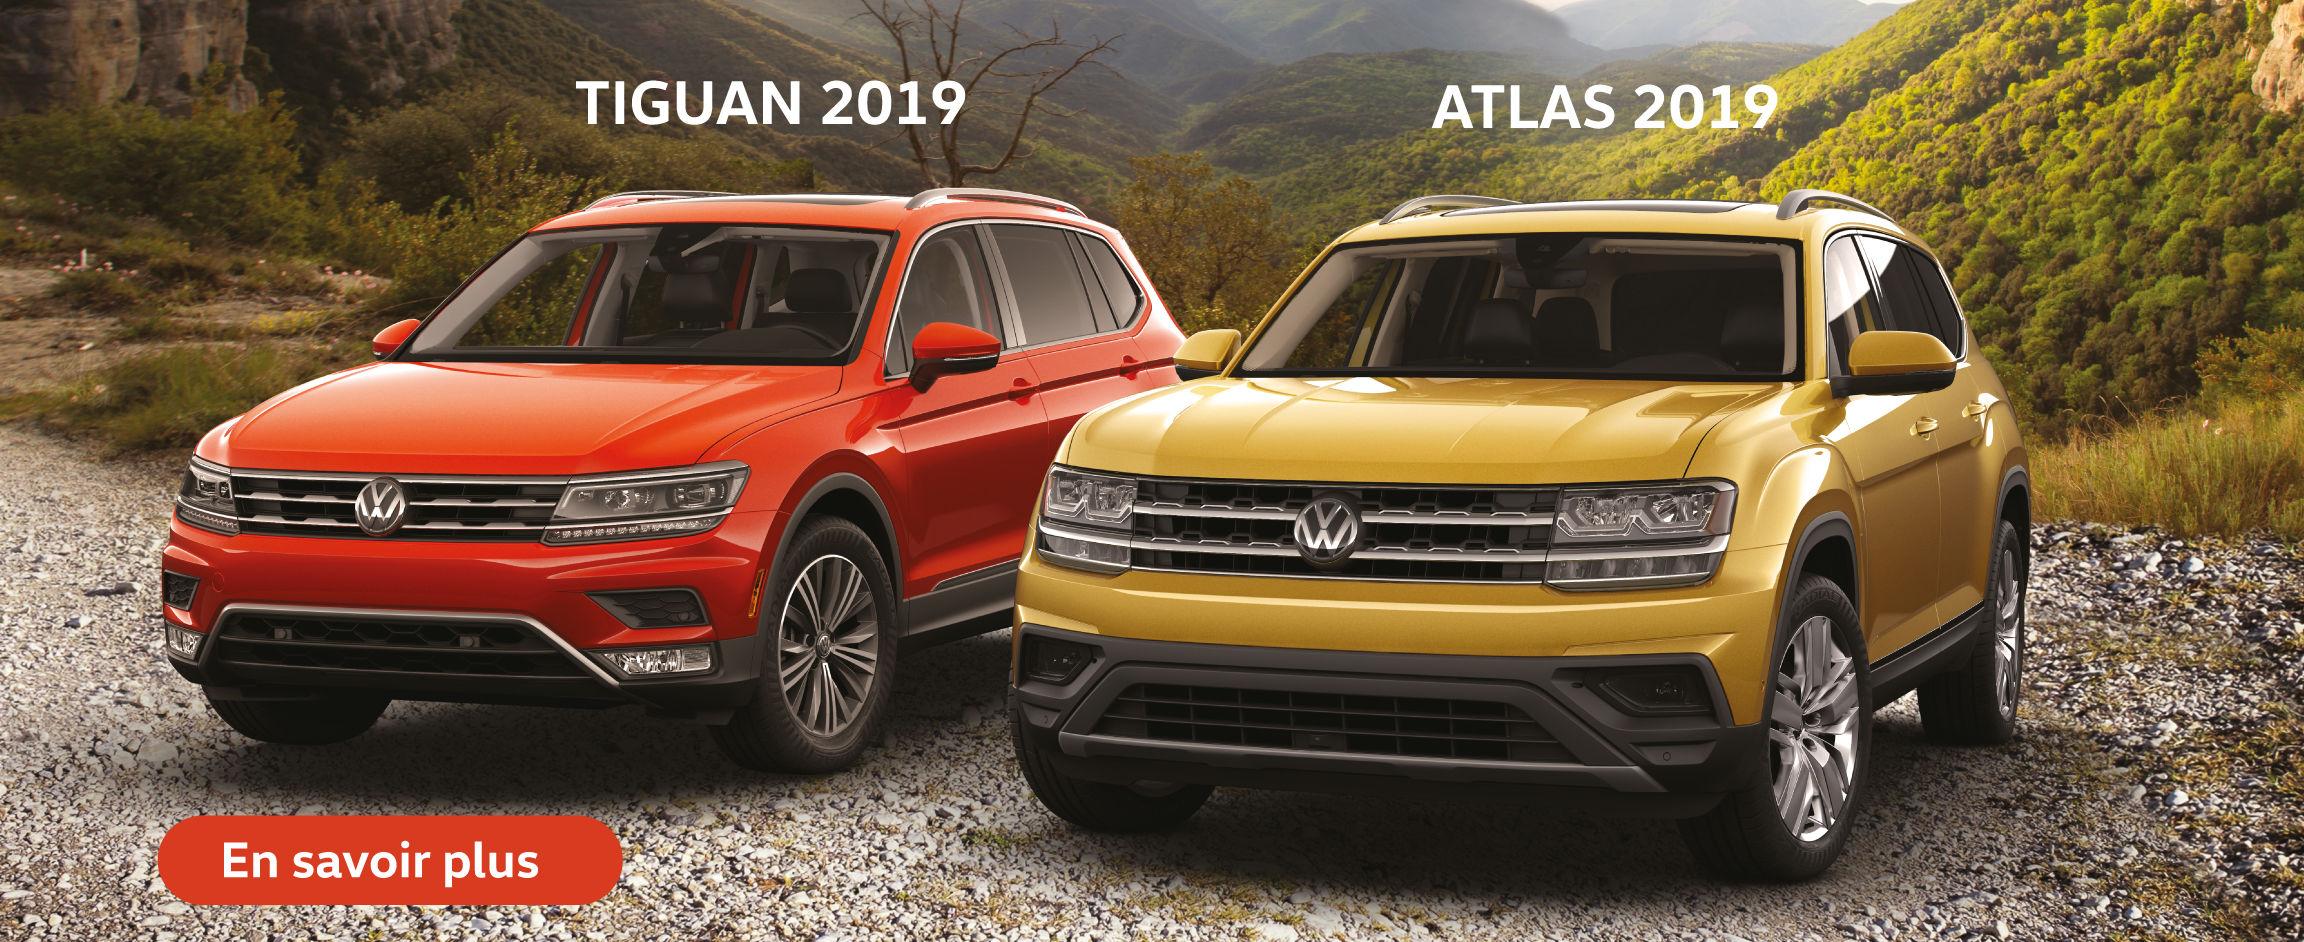 Le Tiguan et l'Atlas 2019